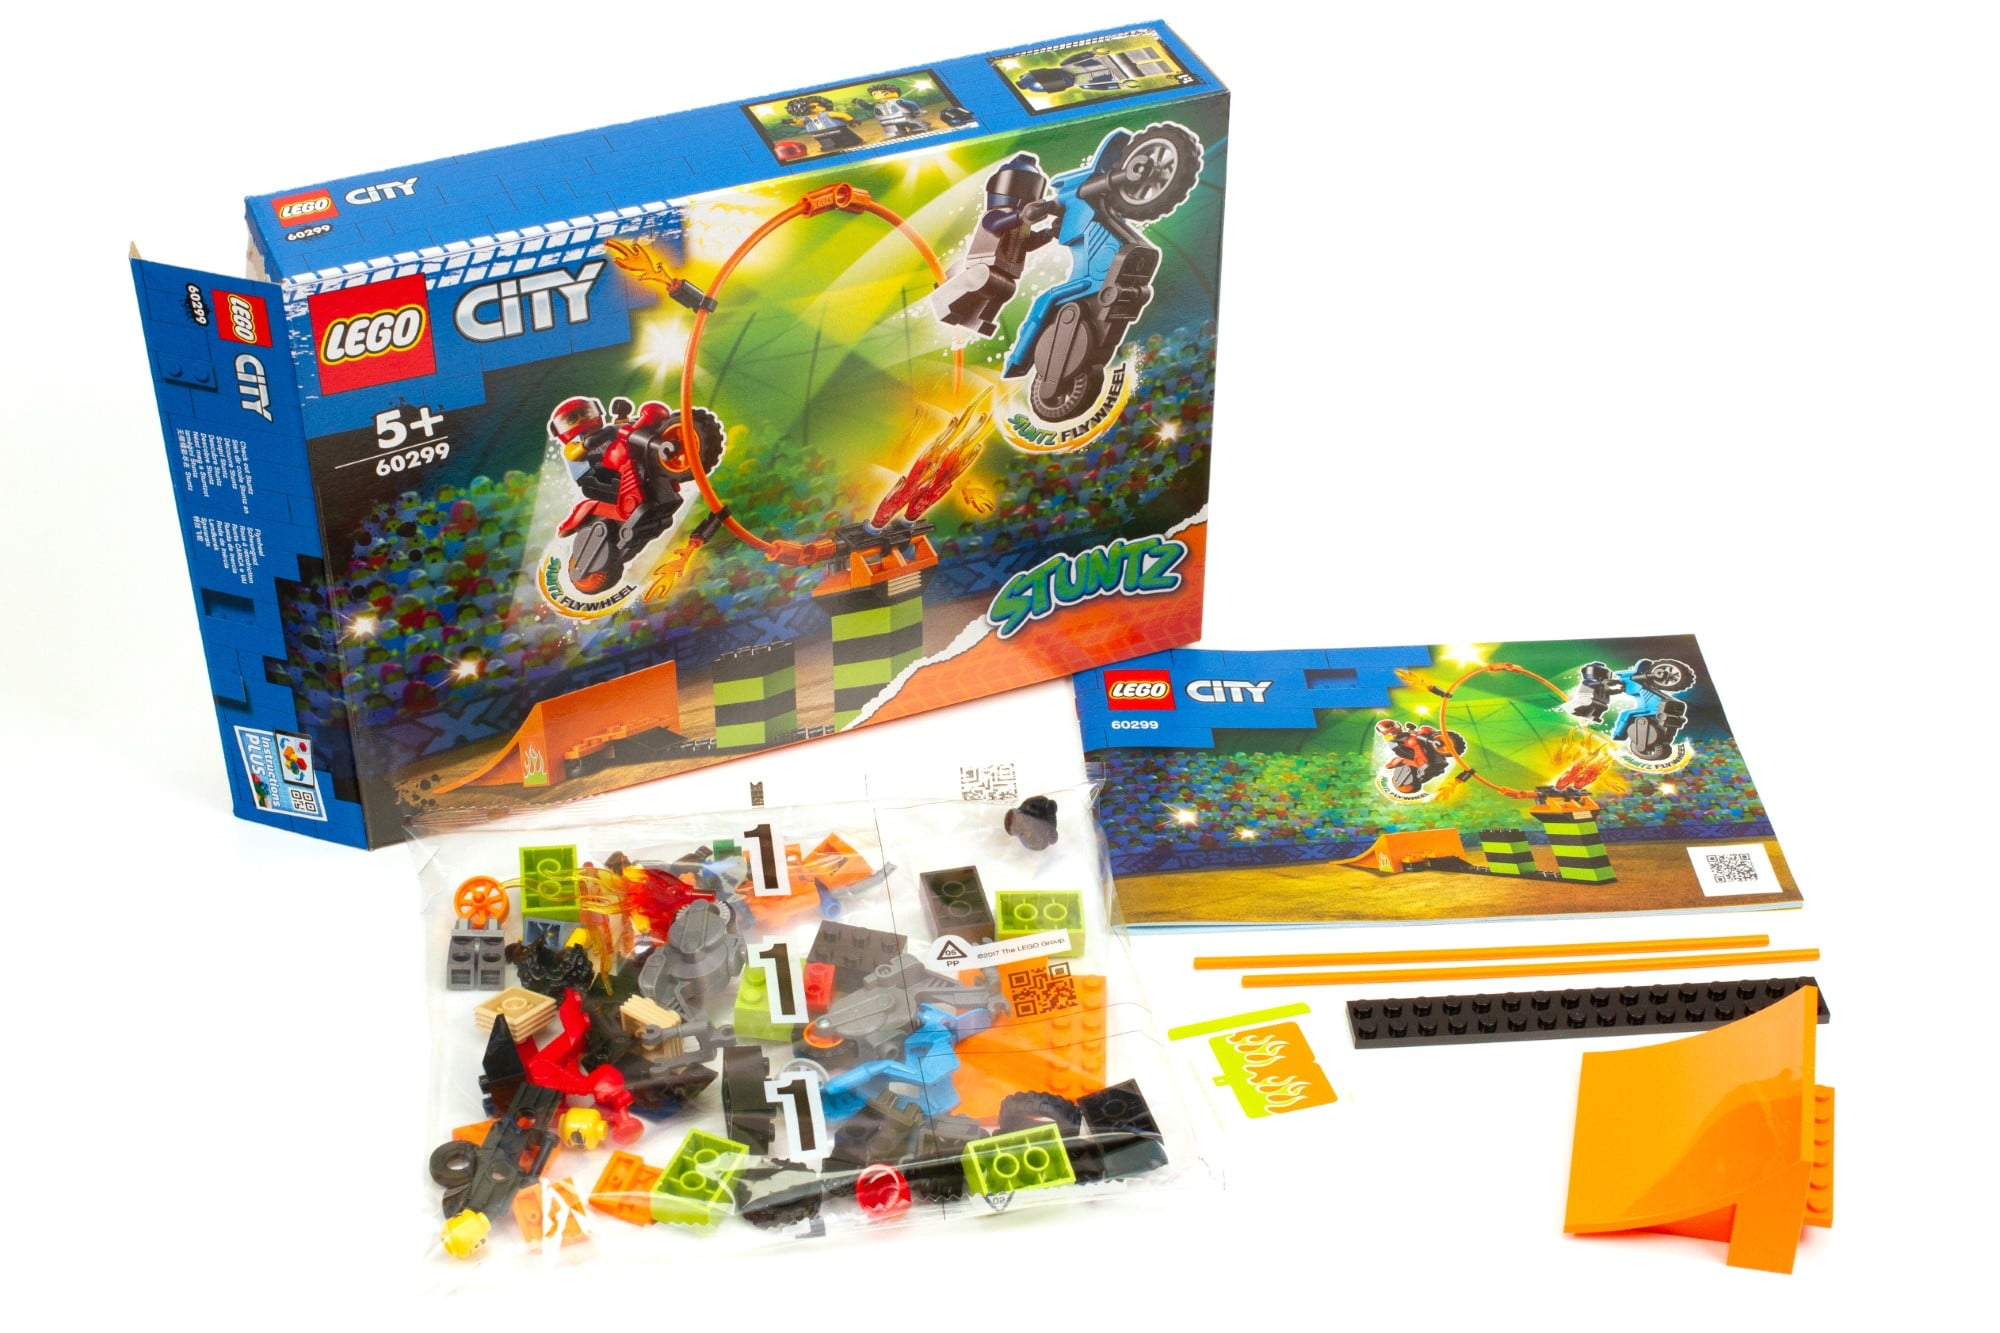 LEGO City Stuntz Praxistest 60299 3